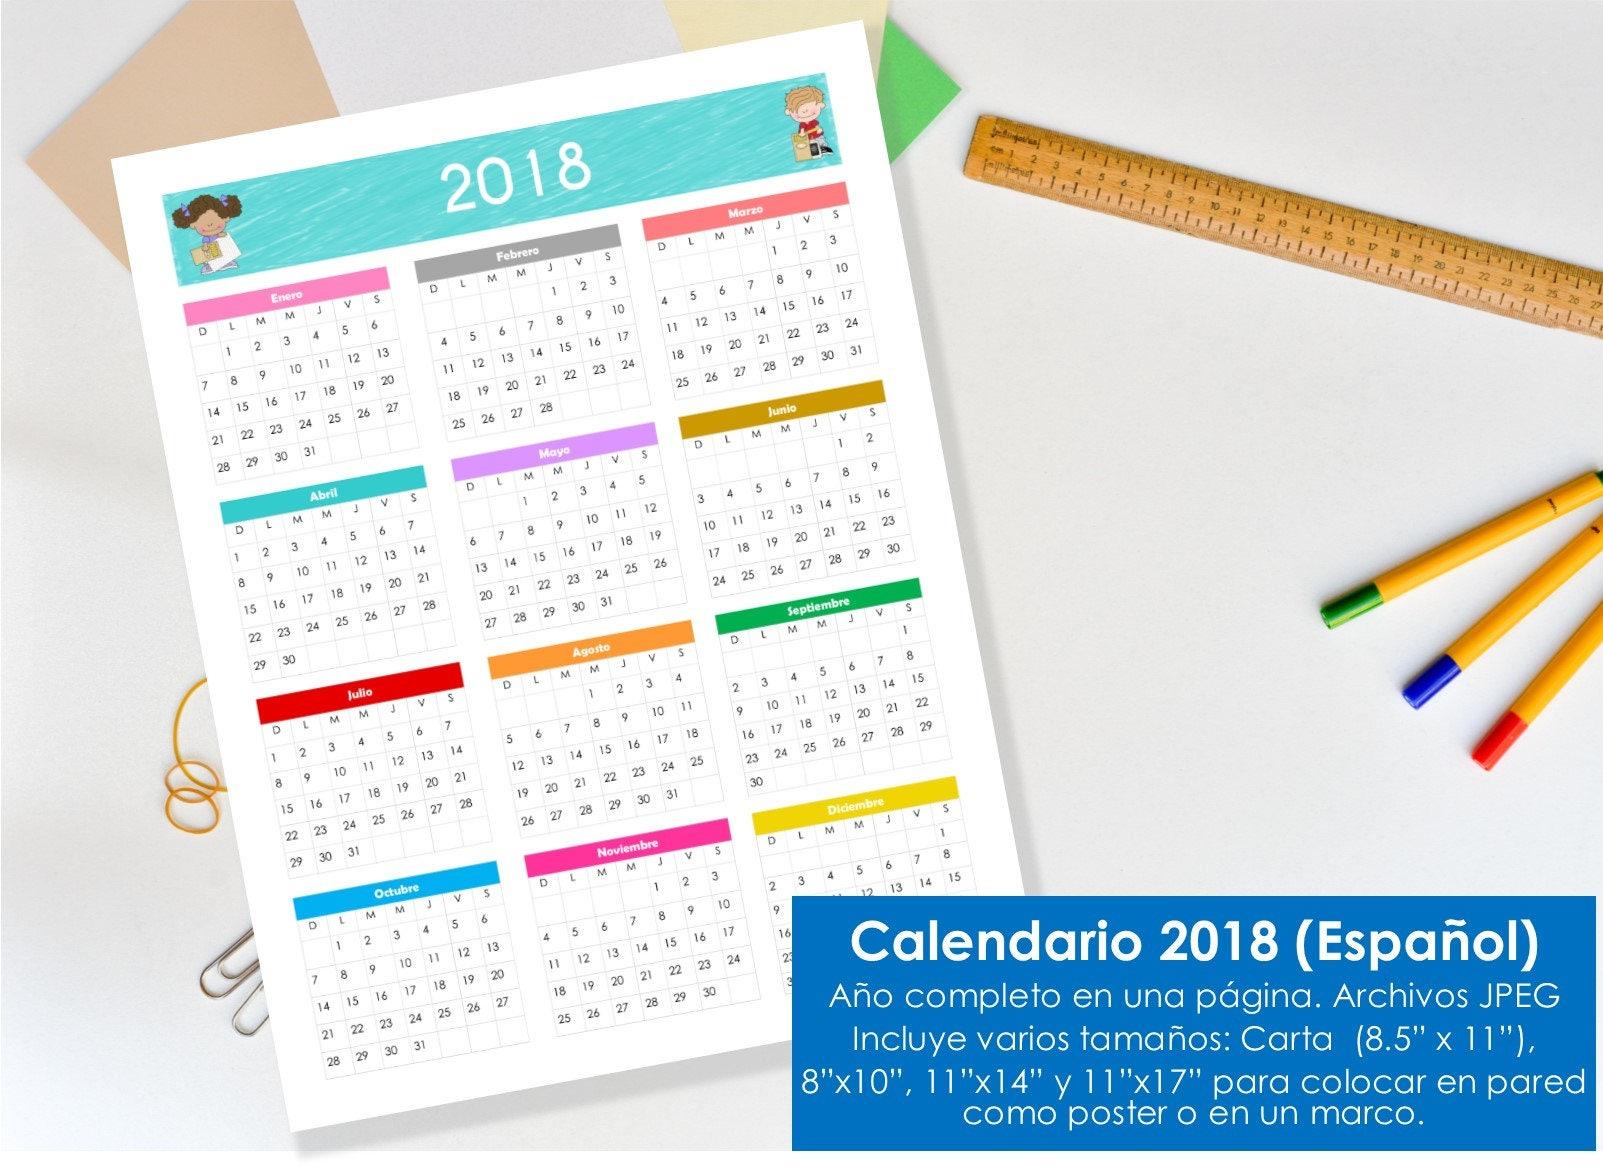 Calendario 2018 para imprimir tama os carta 8 5 x for Calendario de pared 2018